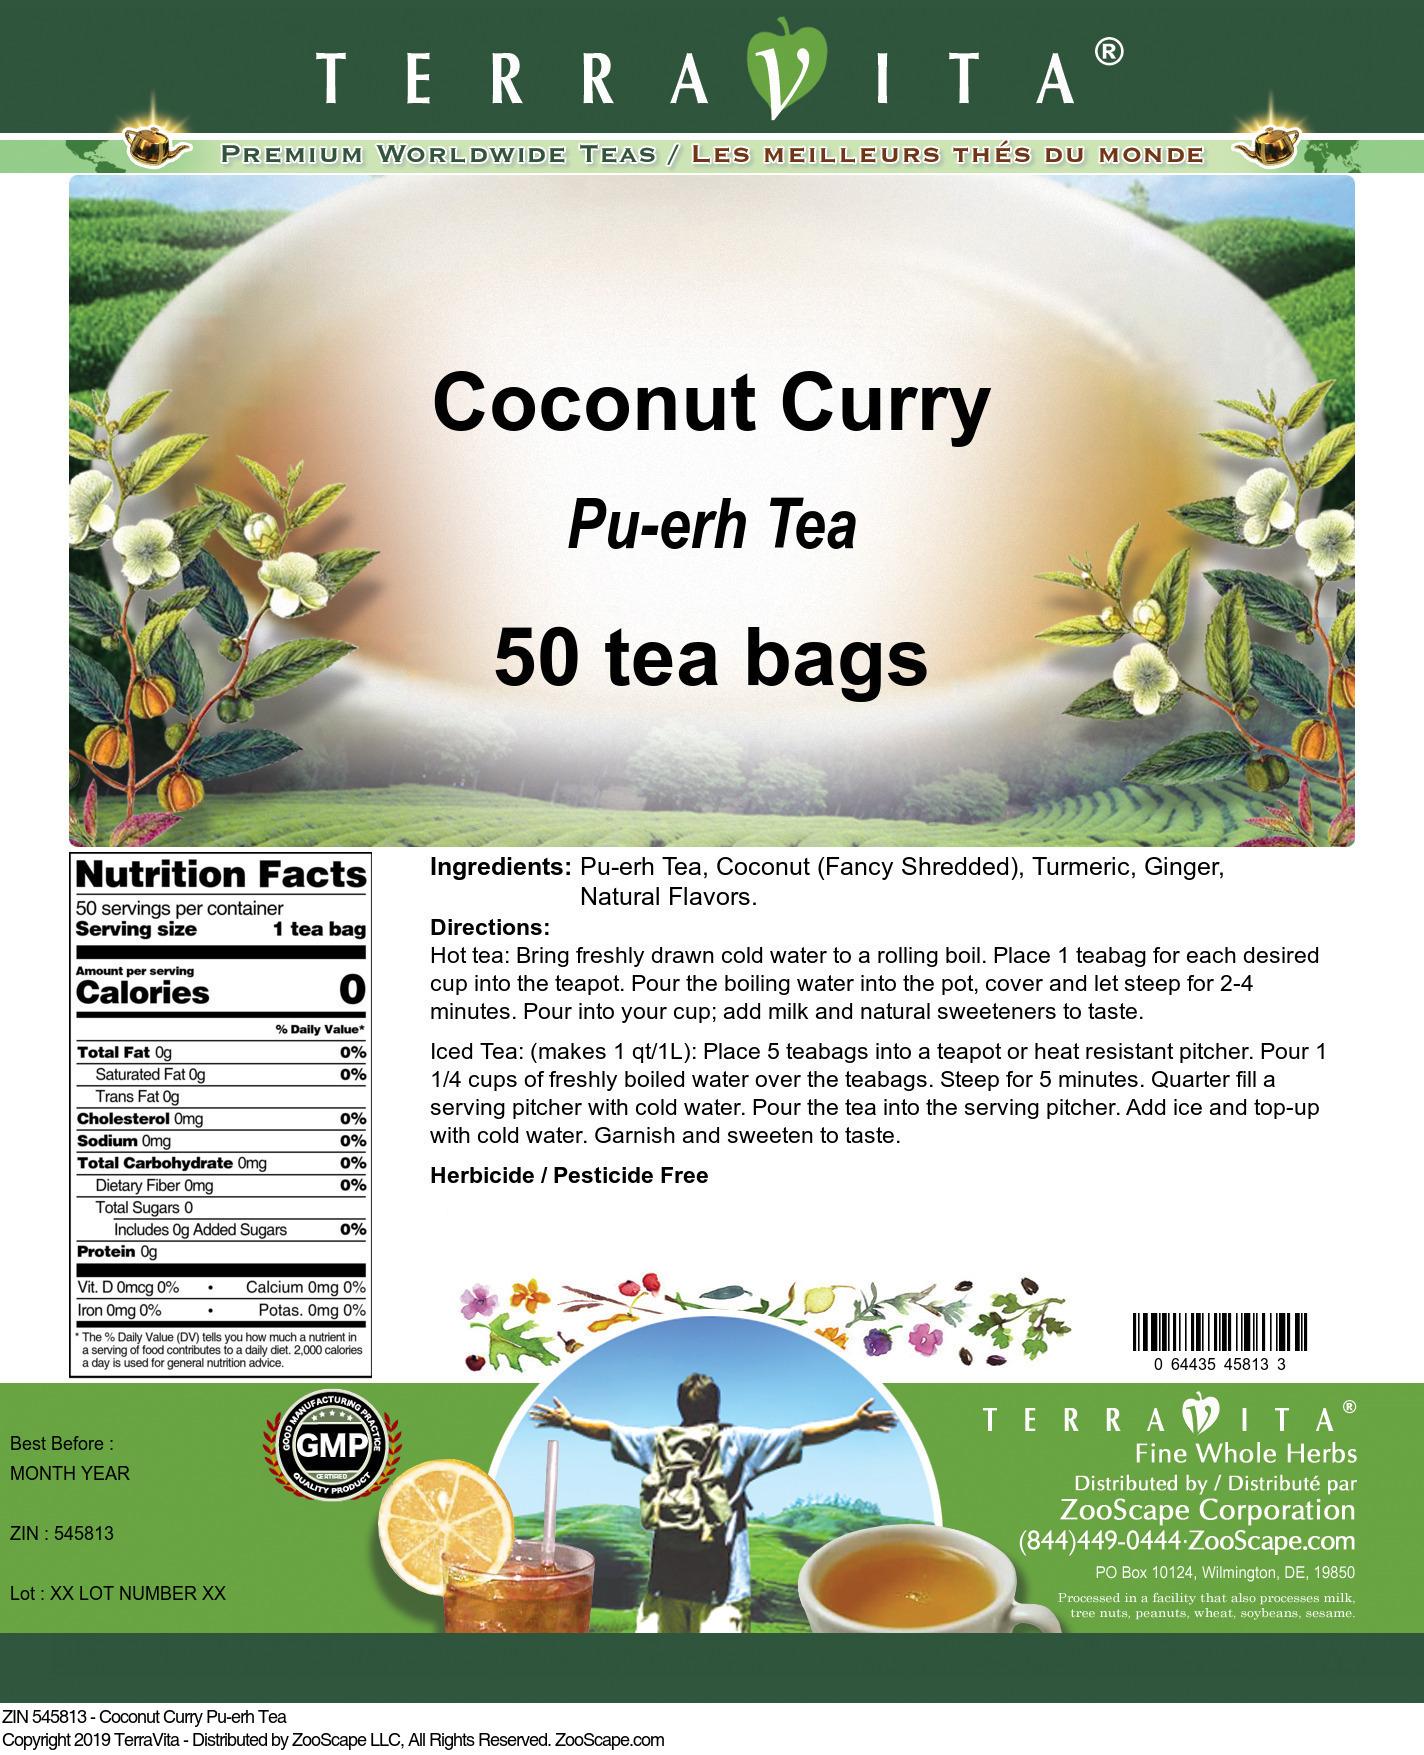 Coconut Curry Pu-erh Tea